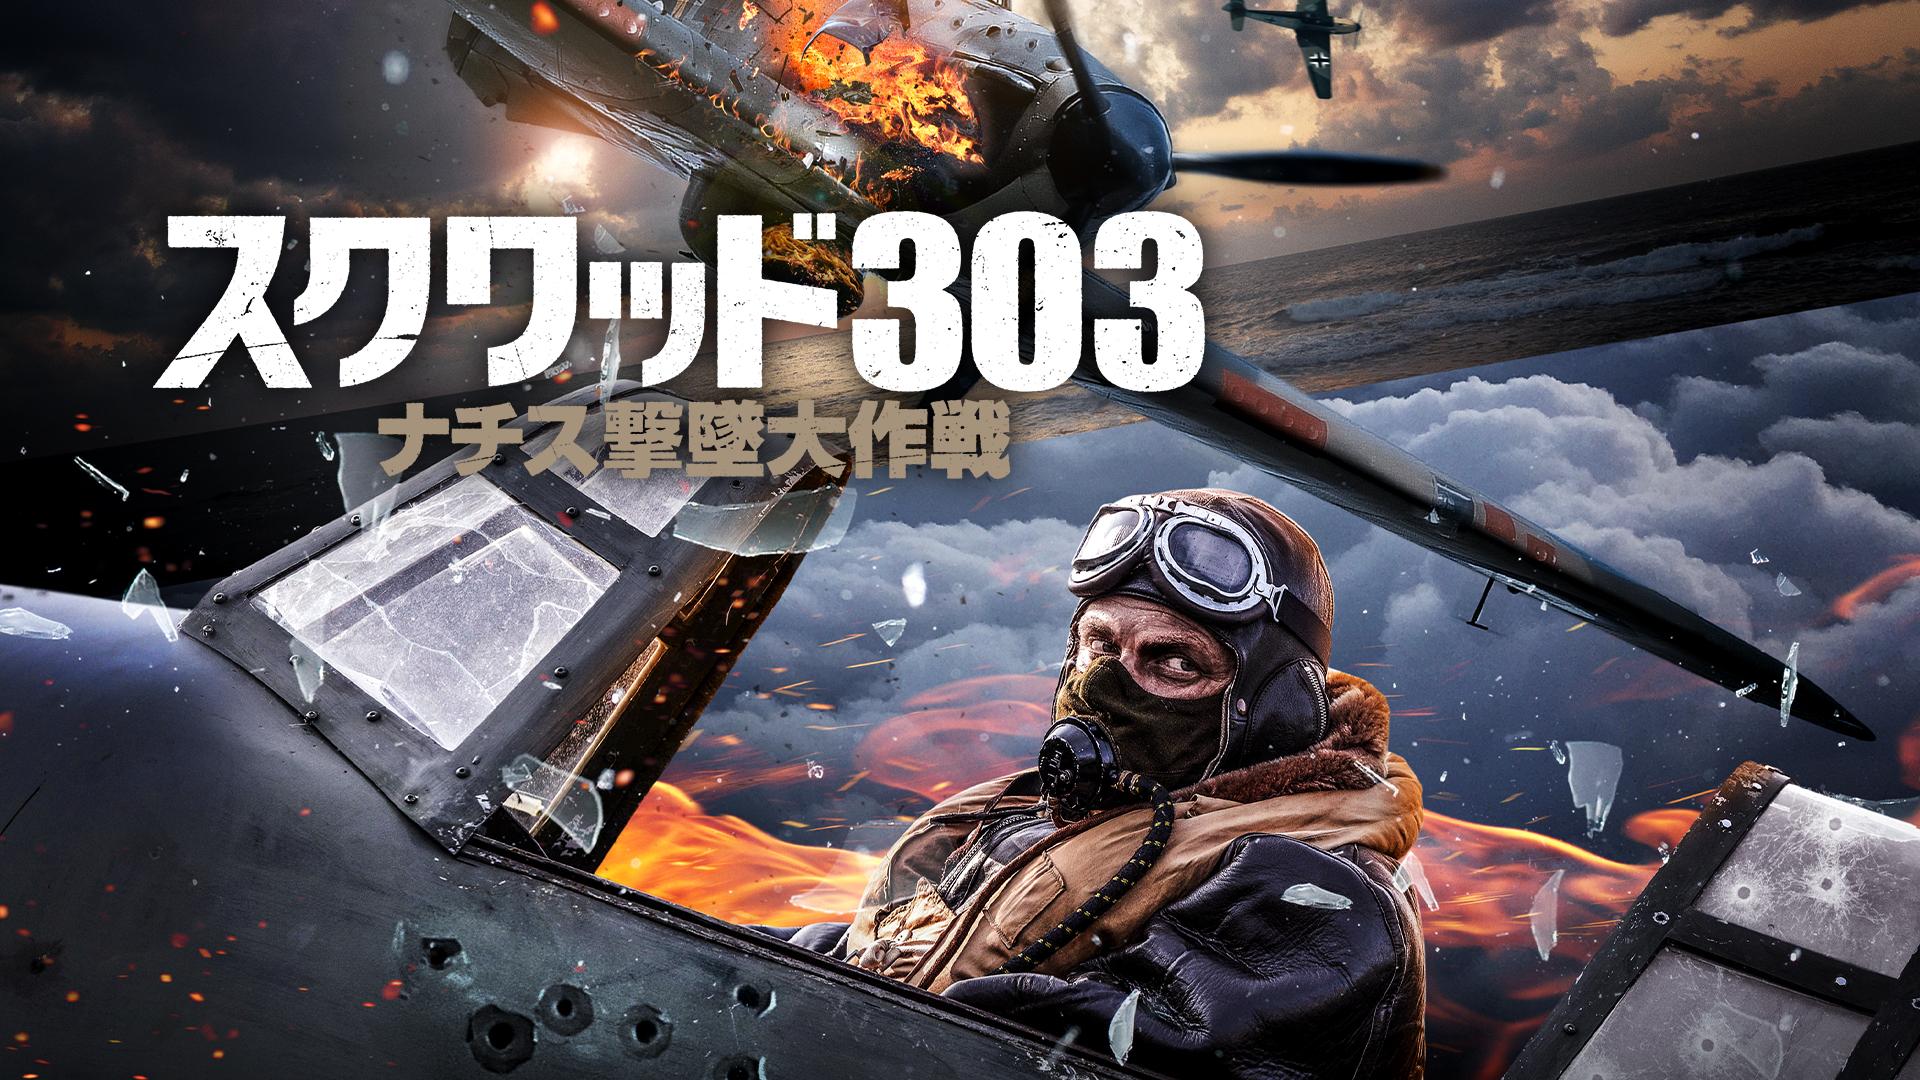 スクワッド303 ナチス撃墜大作戦(字幕版)